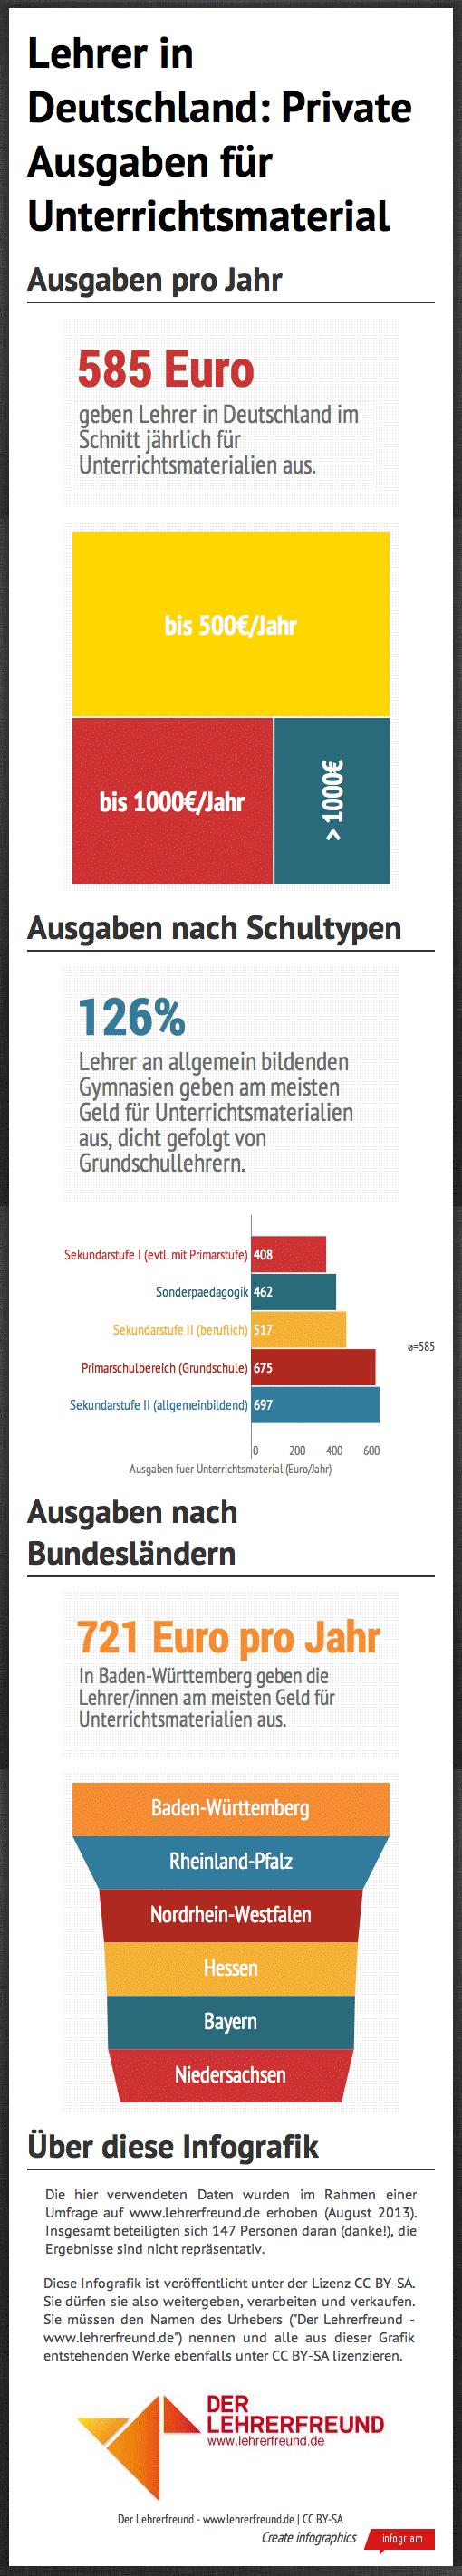 Infografik 'Lehrer/innen in Deutschland - Ausgaben für Unterrichtsmaterialien'